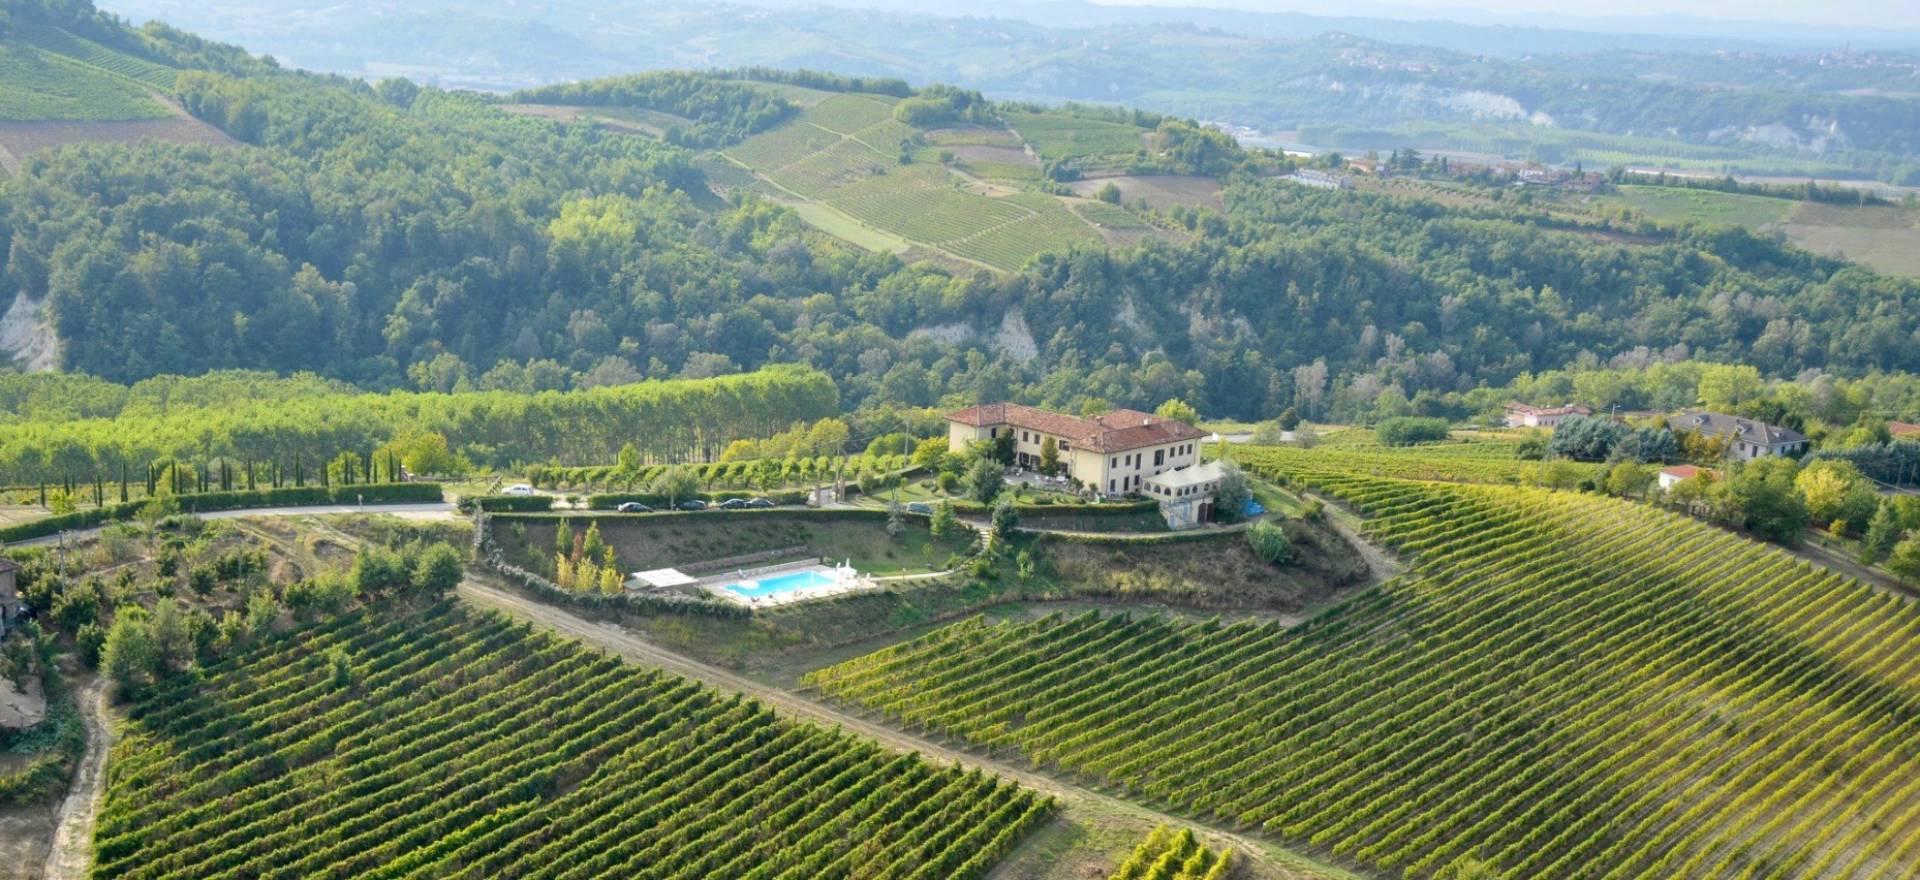 Agriturismo Piemonte Agriturismo in Piemonte per gli amanti dell'ottimo vino